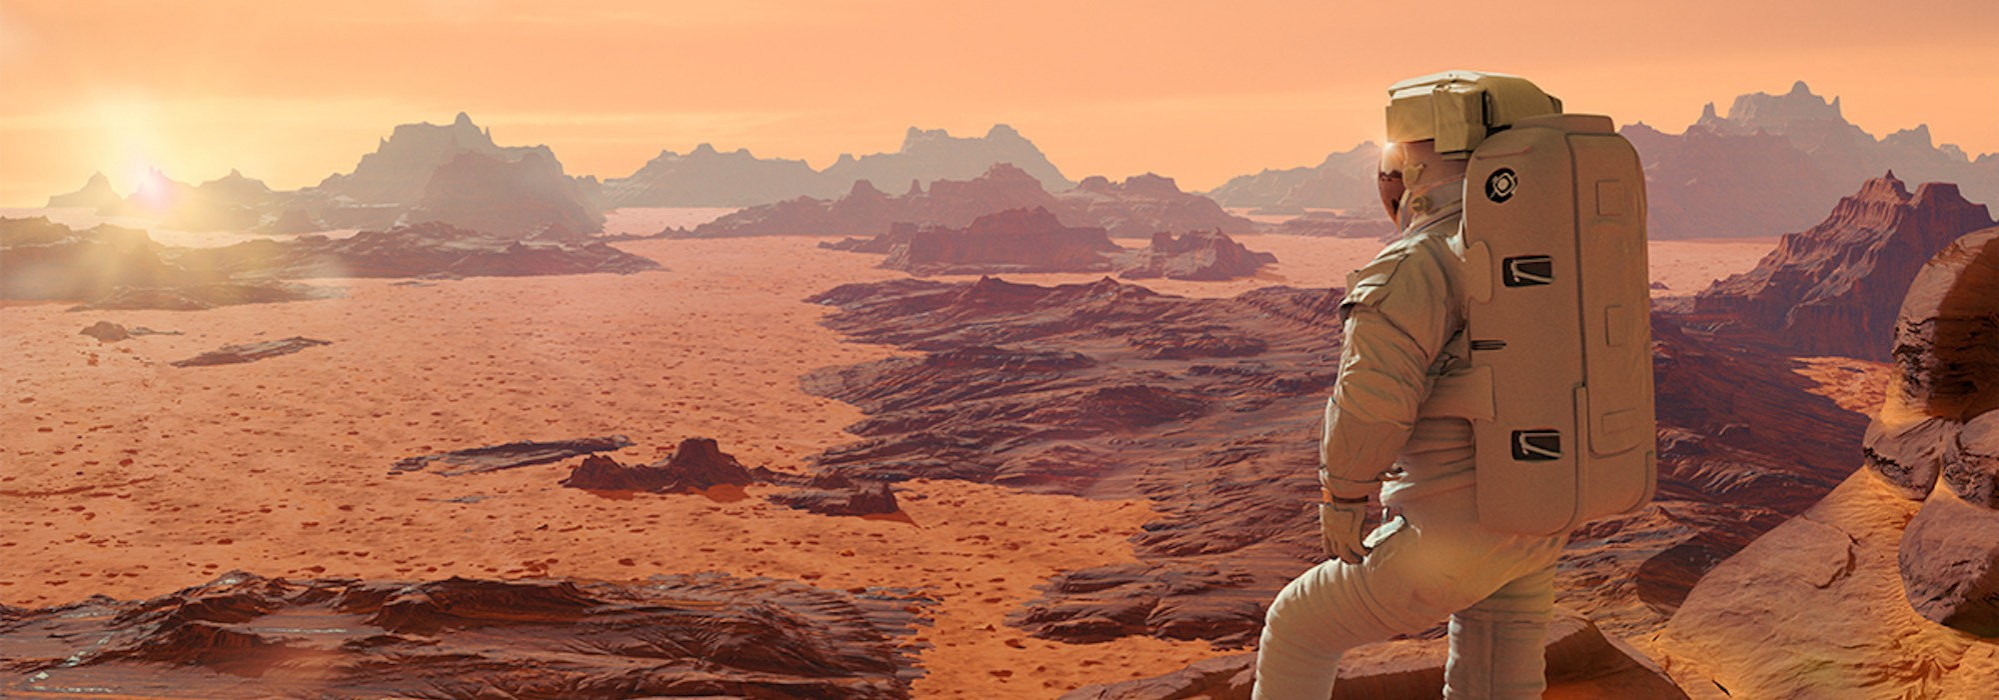 İnsanlığın Mars Macerası